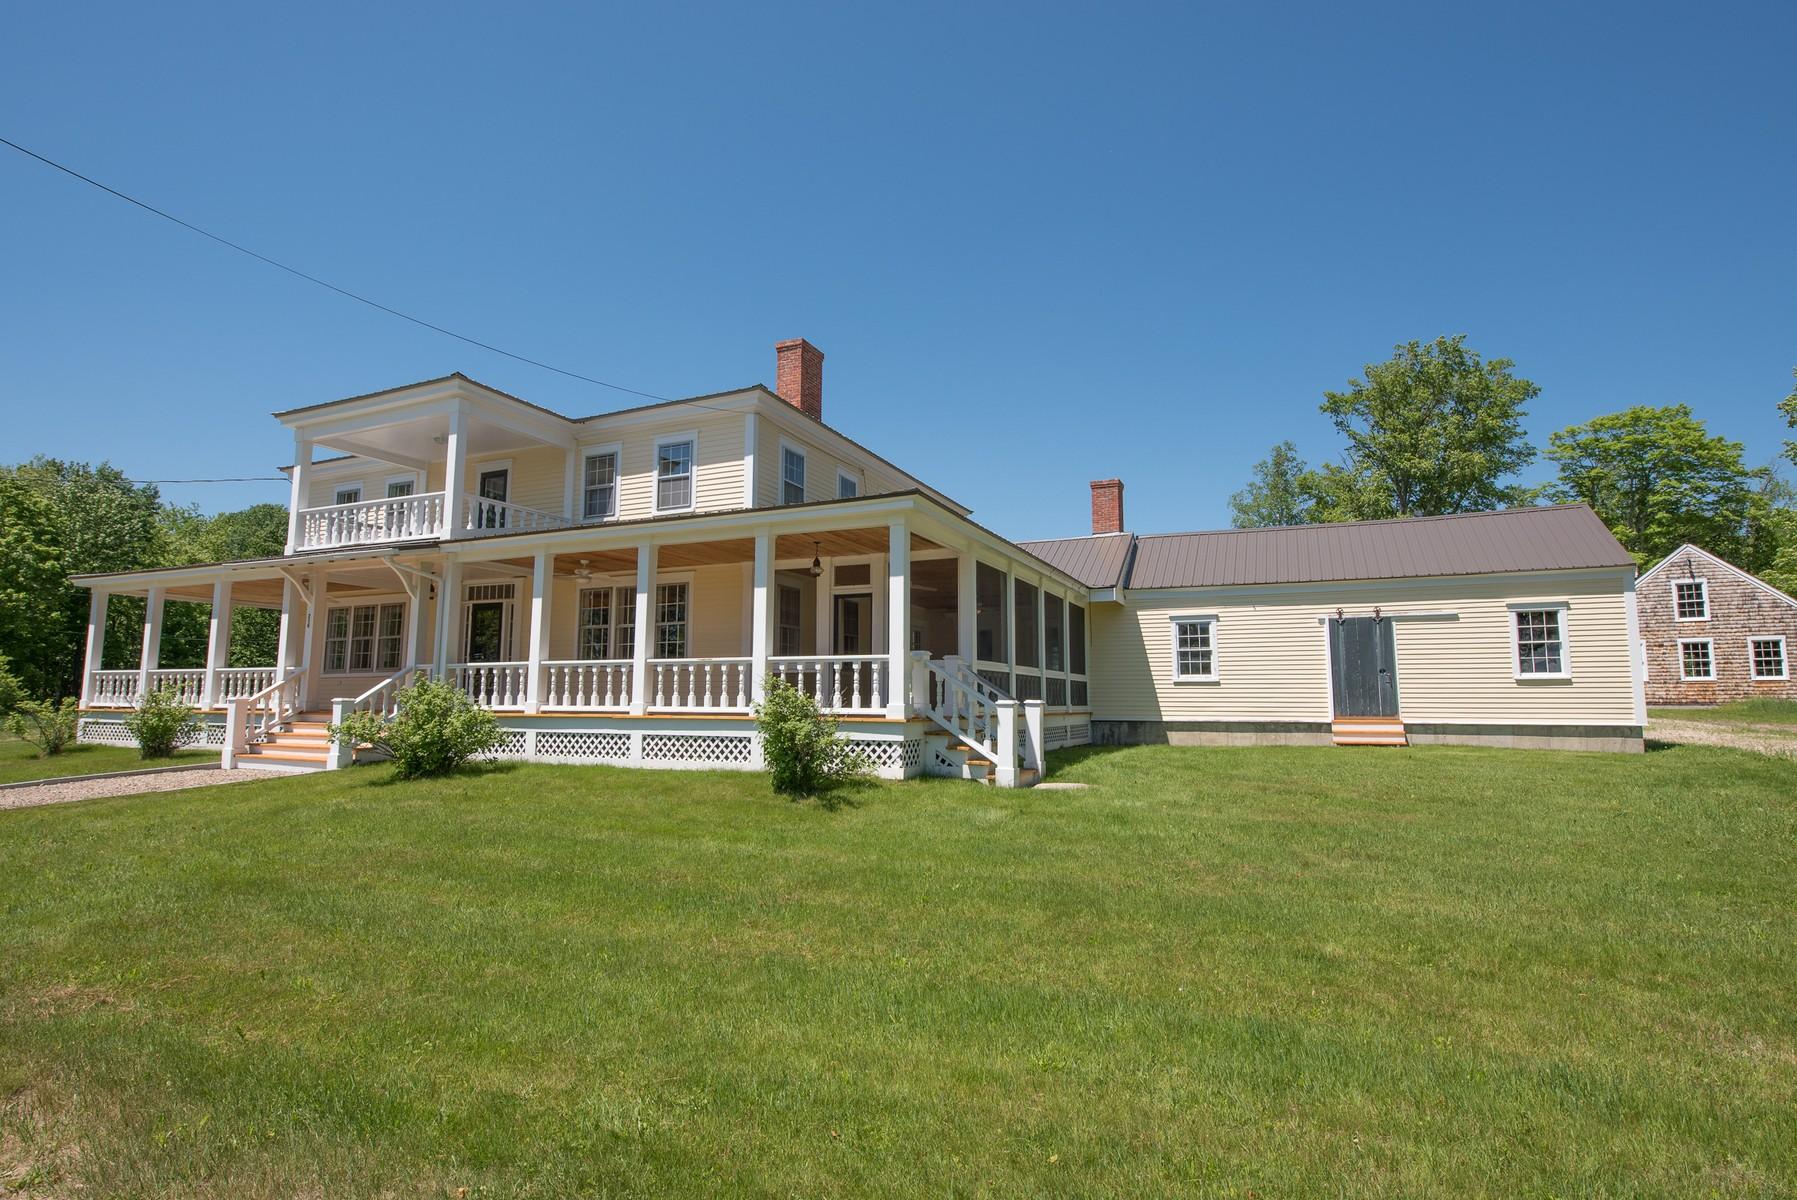 Maison unifamiliale pour l Vente à 216 Whiteface Intervale Rd, Sandwich Sandwich, New Hampshire, 03259 États-Unis